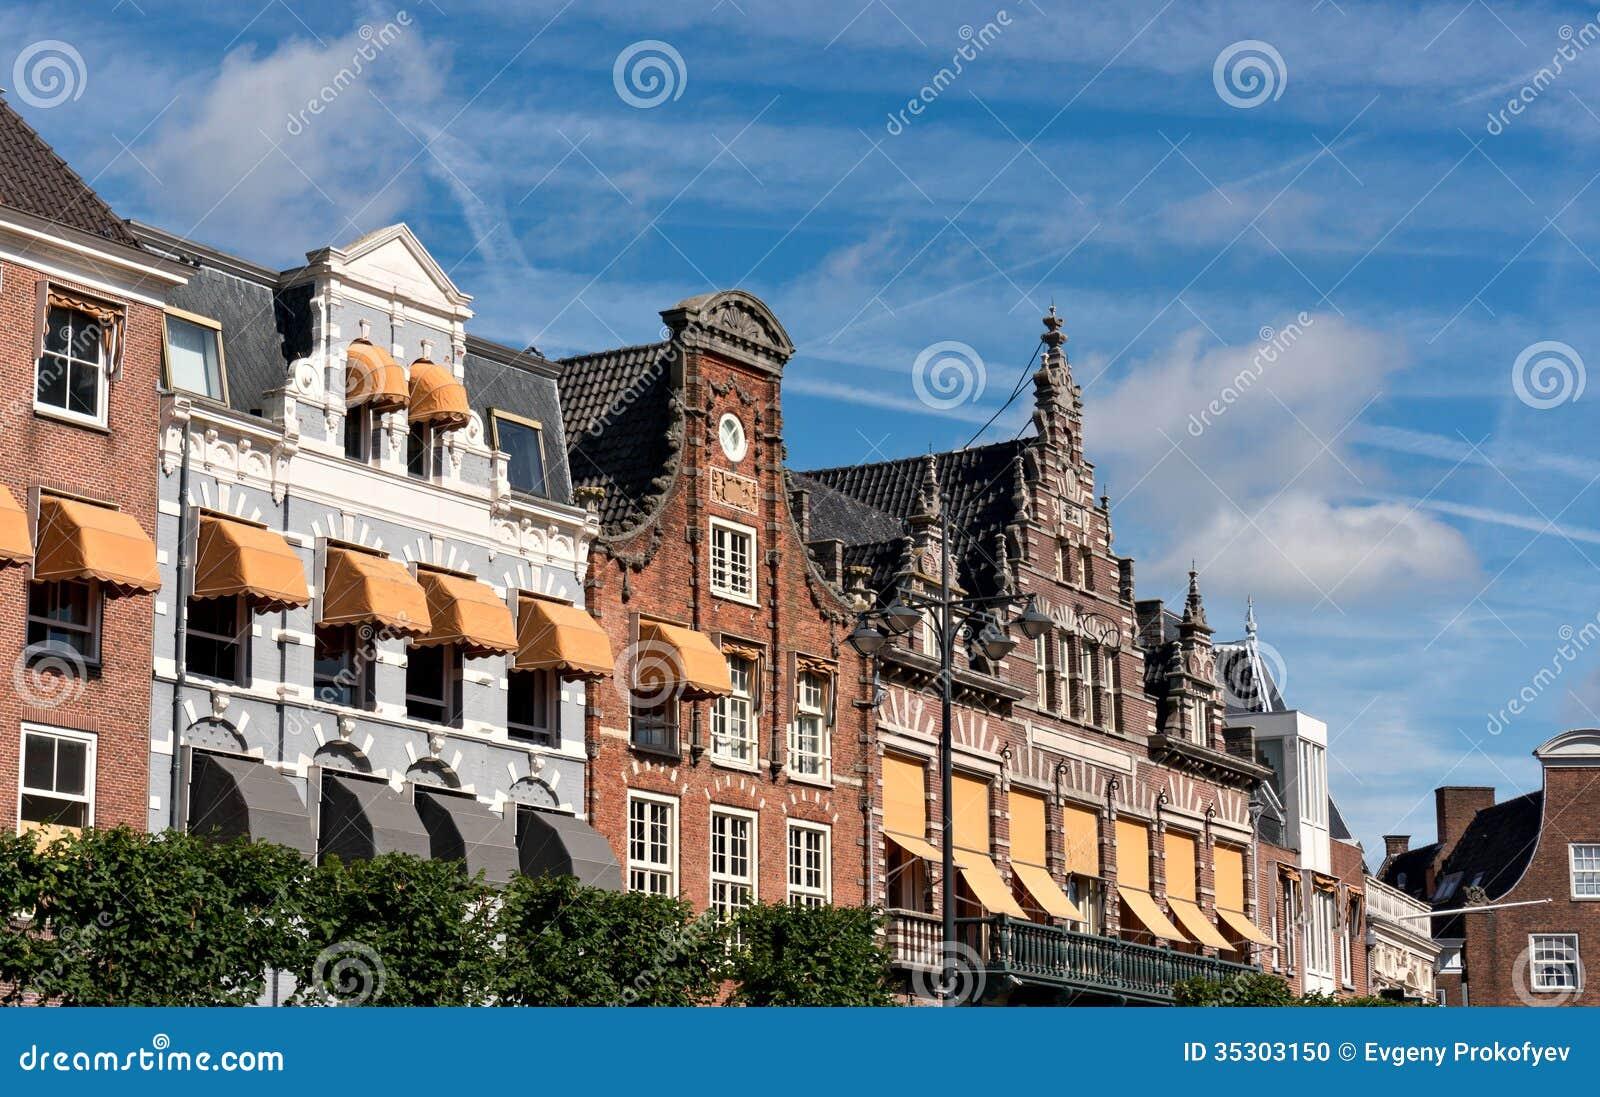 dutch architecture architectuur netherlands nederlandse haarlem